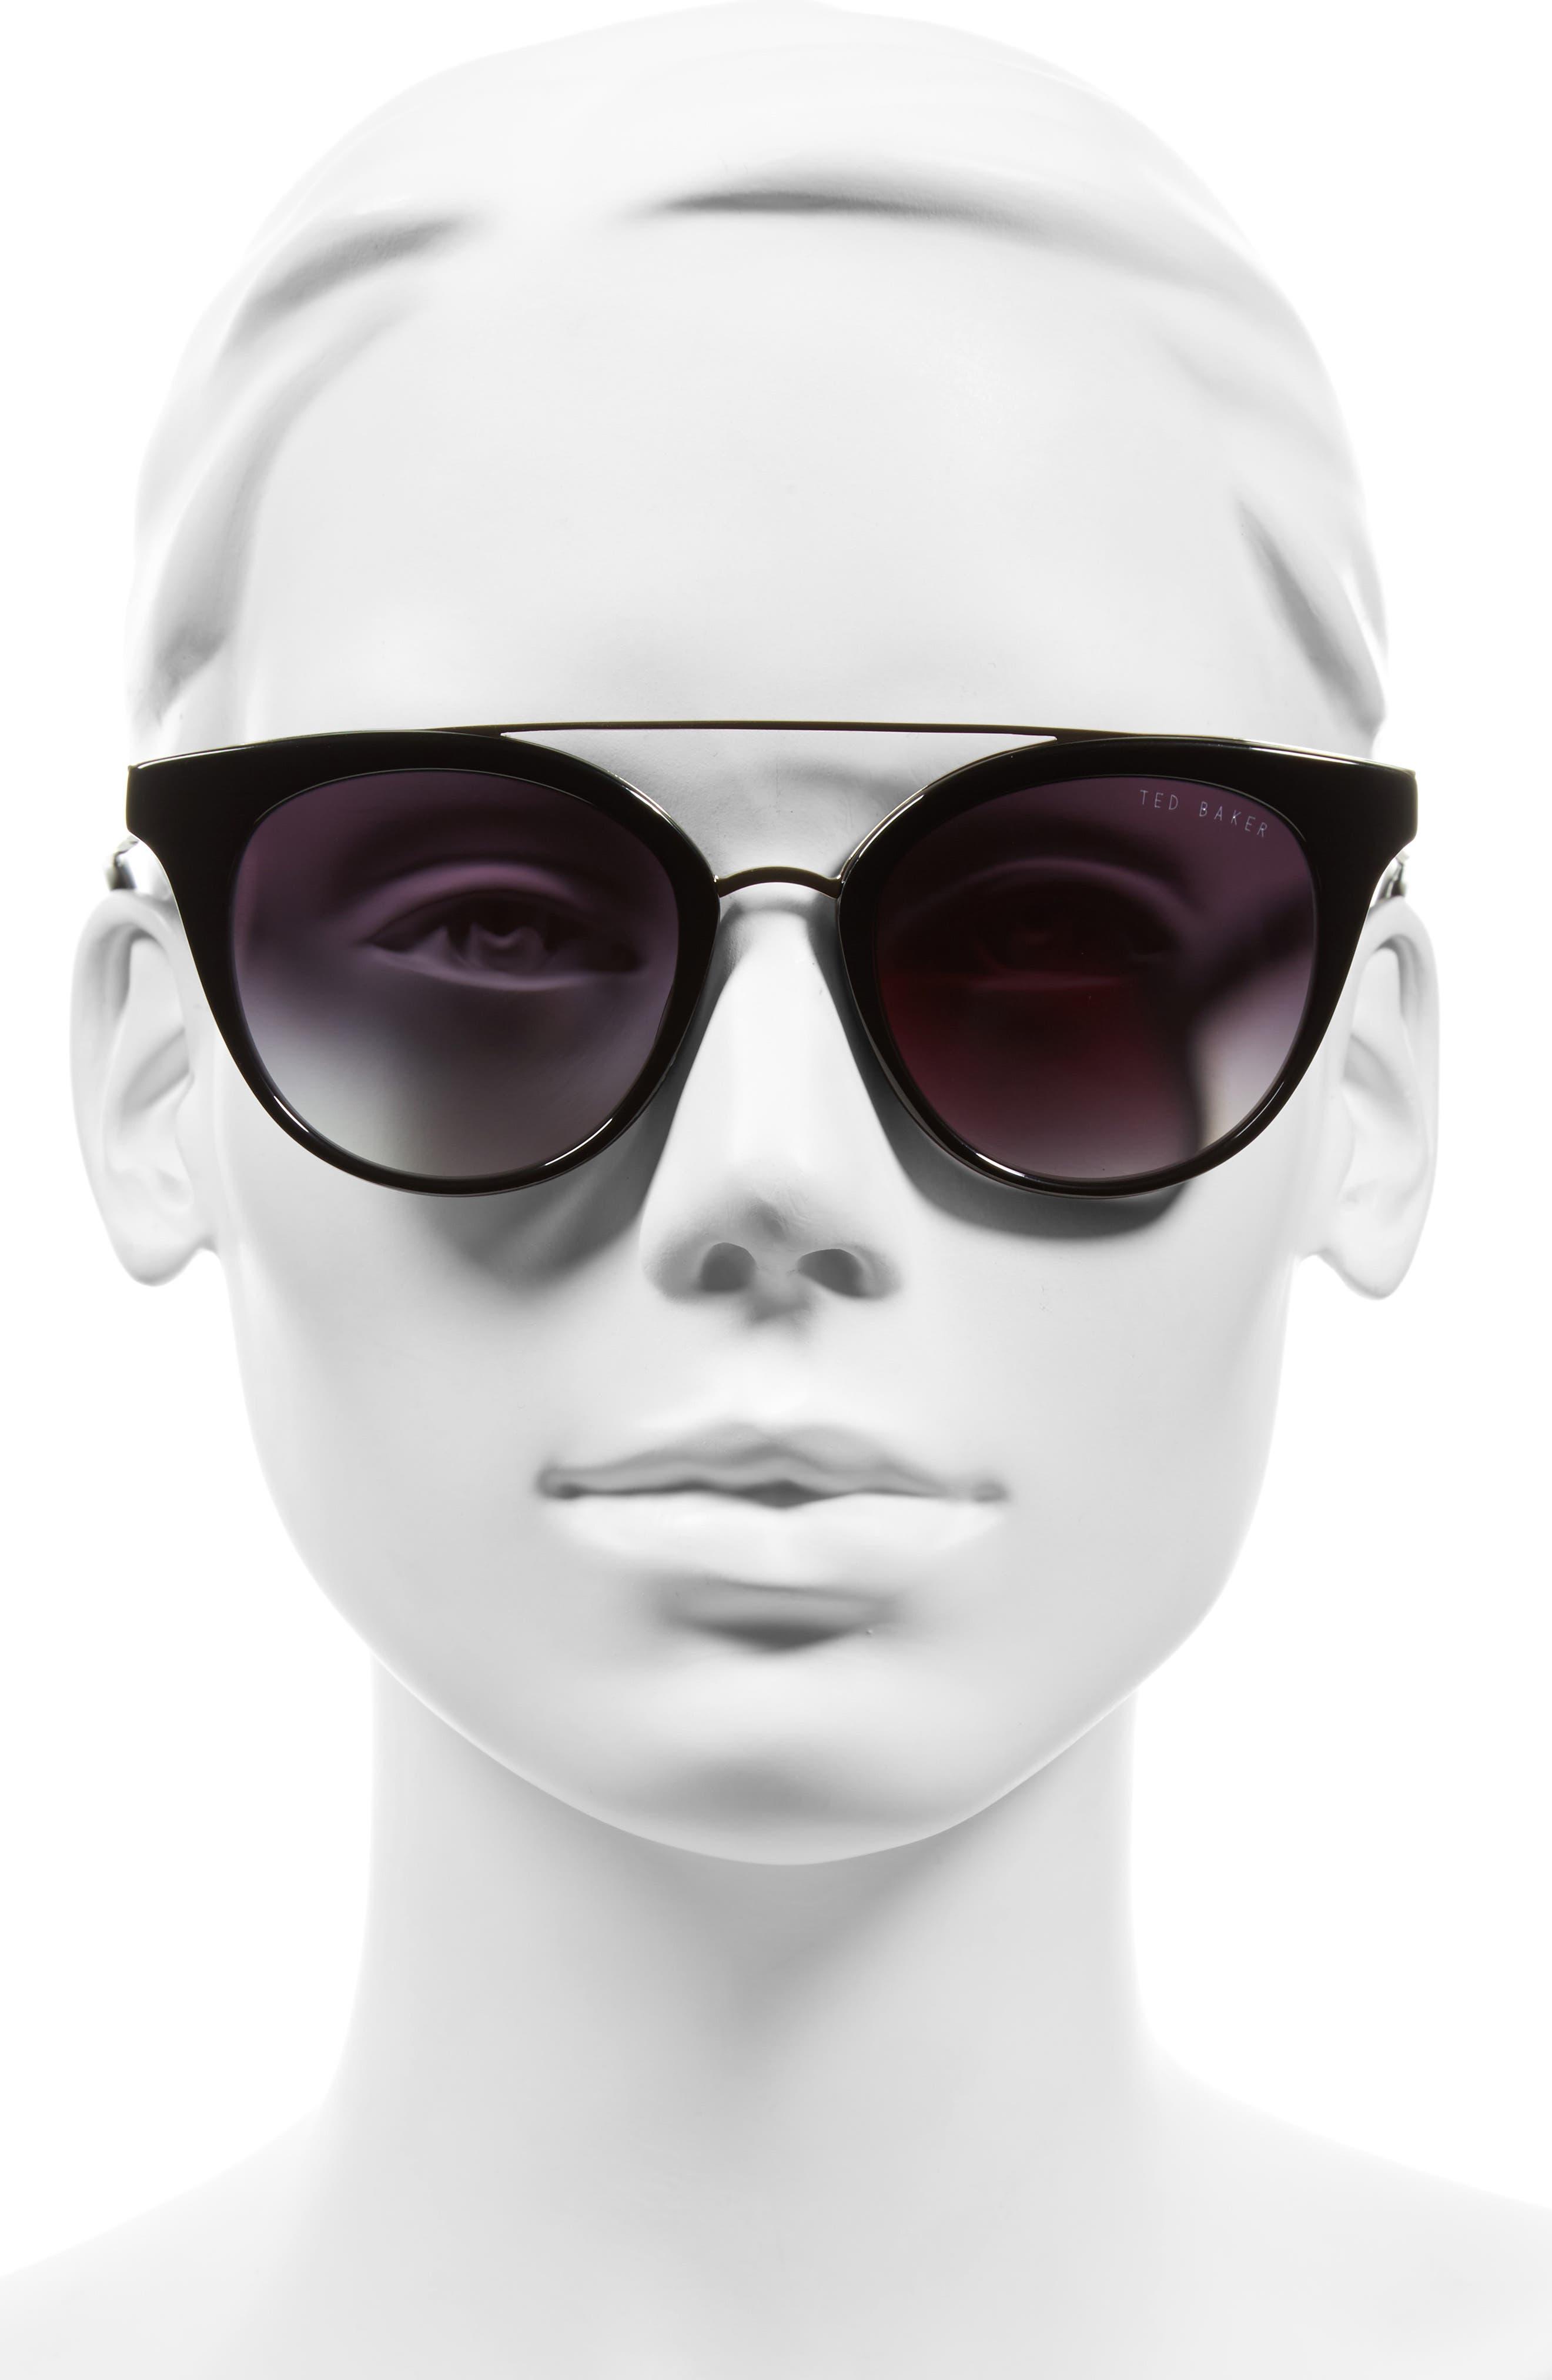 51mm Gradient Lens Round Retro Sunglasses,                         Main,                         color, 001